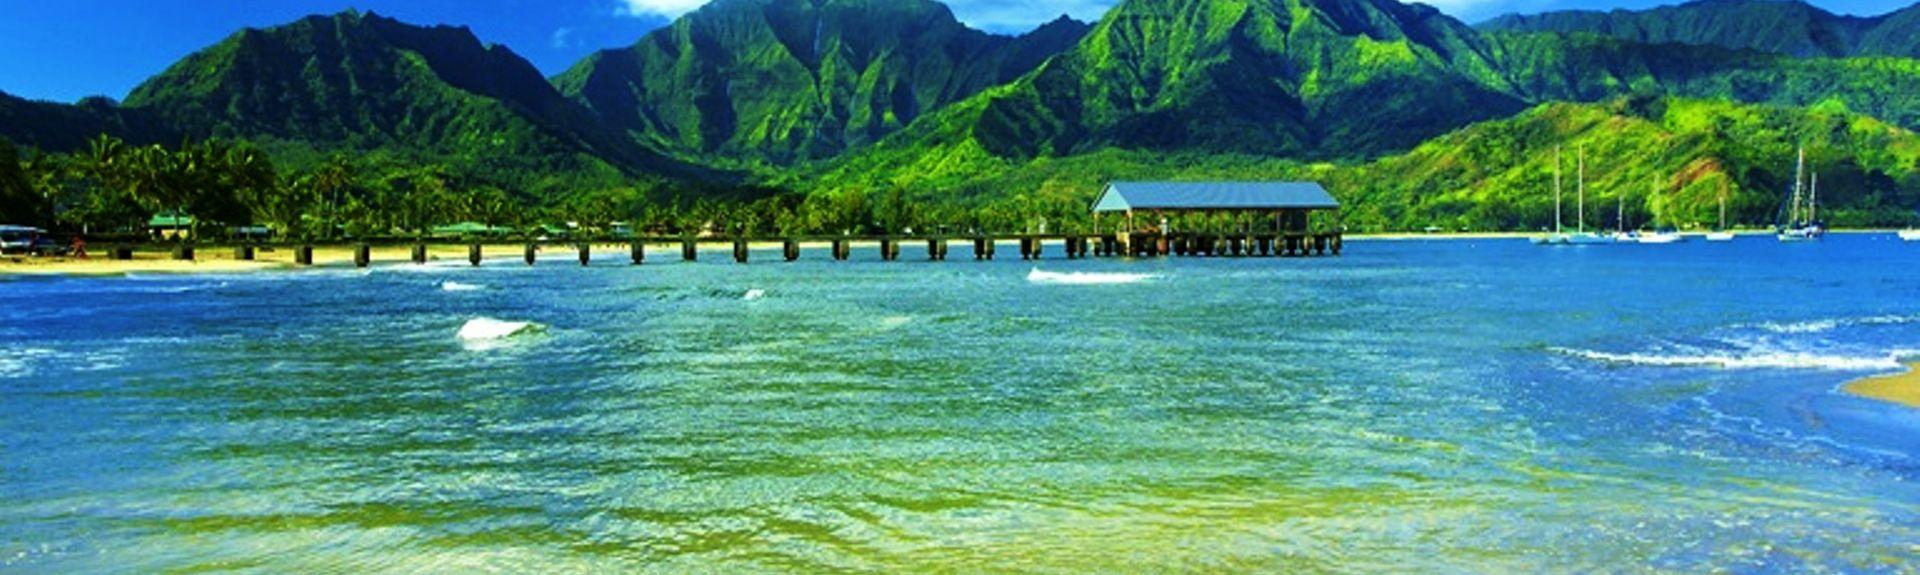 Hanalei Palms, Hanalei, Havaí, Estados Unidos